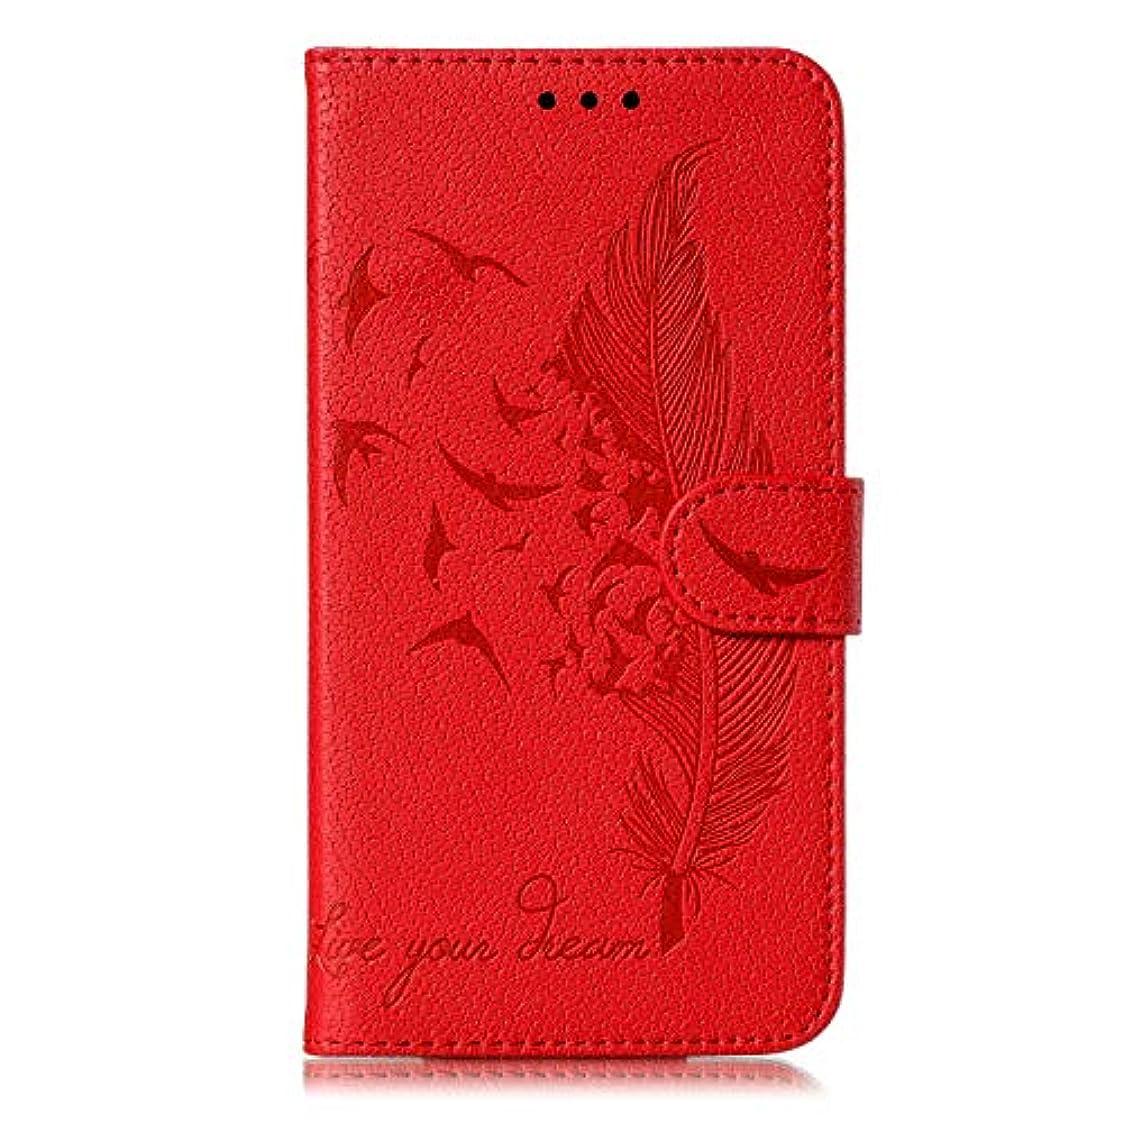 プリーツ胃提供Galaxy A70 ケース, OMATENTI PUレザー手帳型 ケース, 薄型 財布押し花 フェザー柄 スマホケース, マグネット開閉式 スタンド機能 カード収納 付き人気 新品, 赤